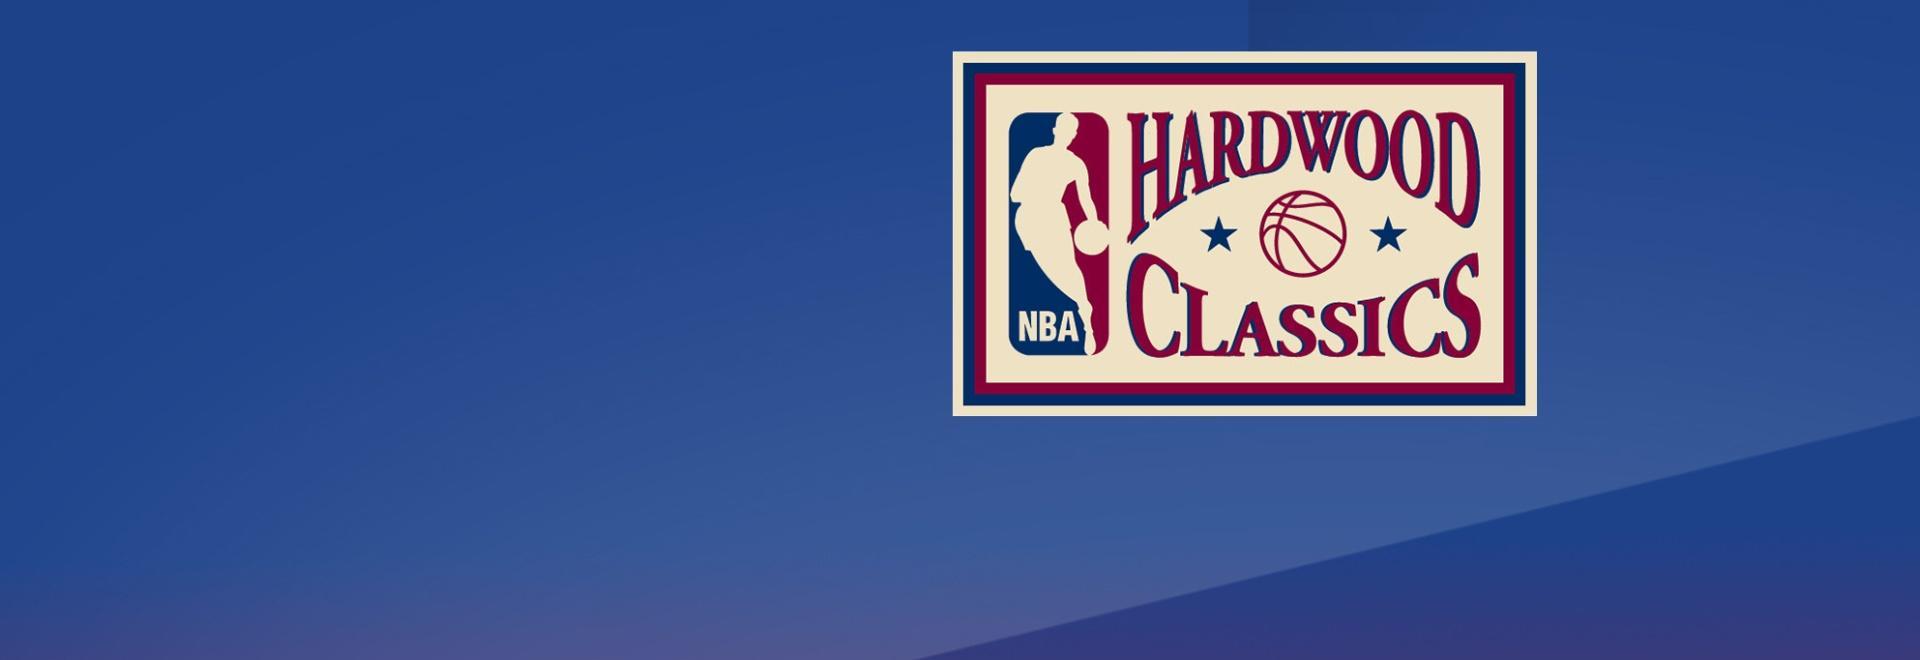 NBA All-Star Game MVP Kobe Bryant 2011